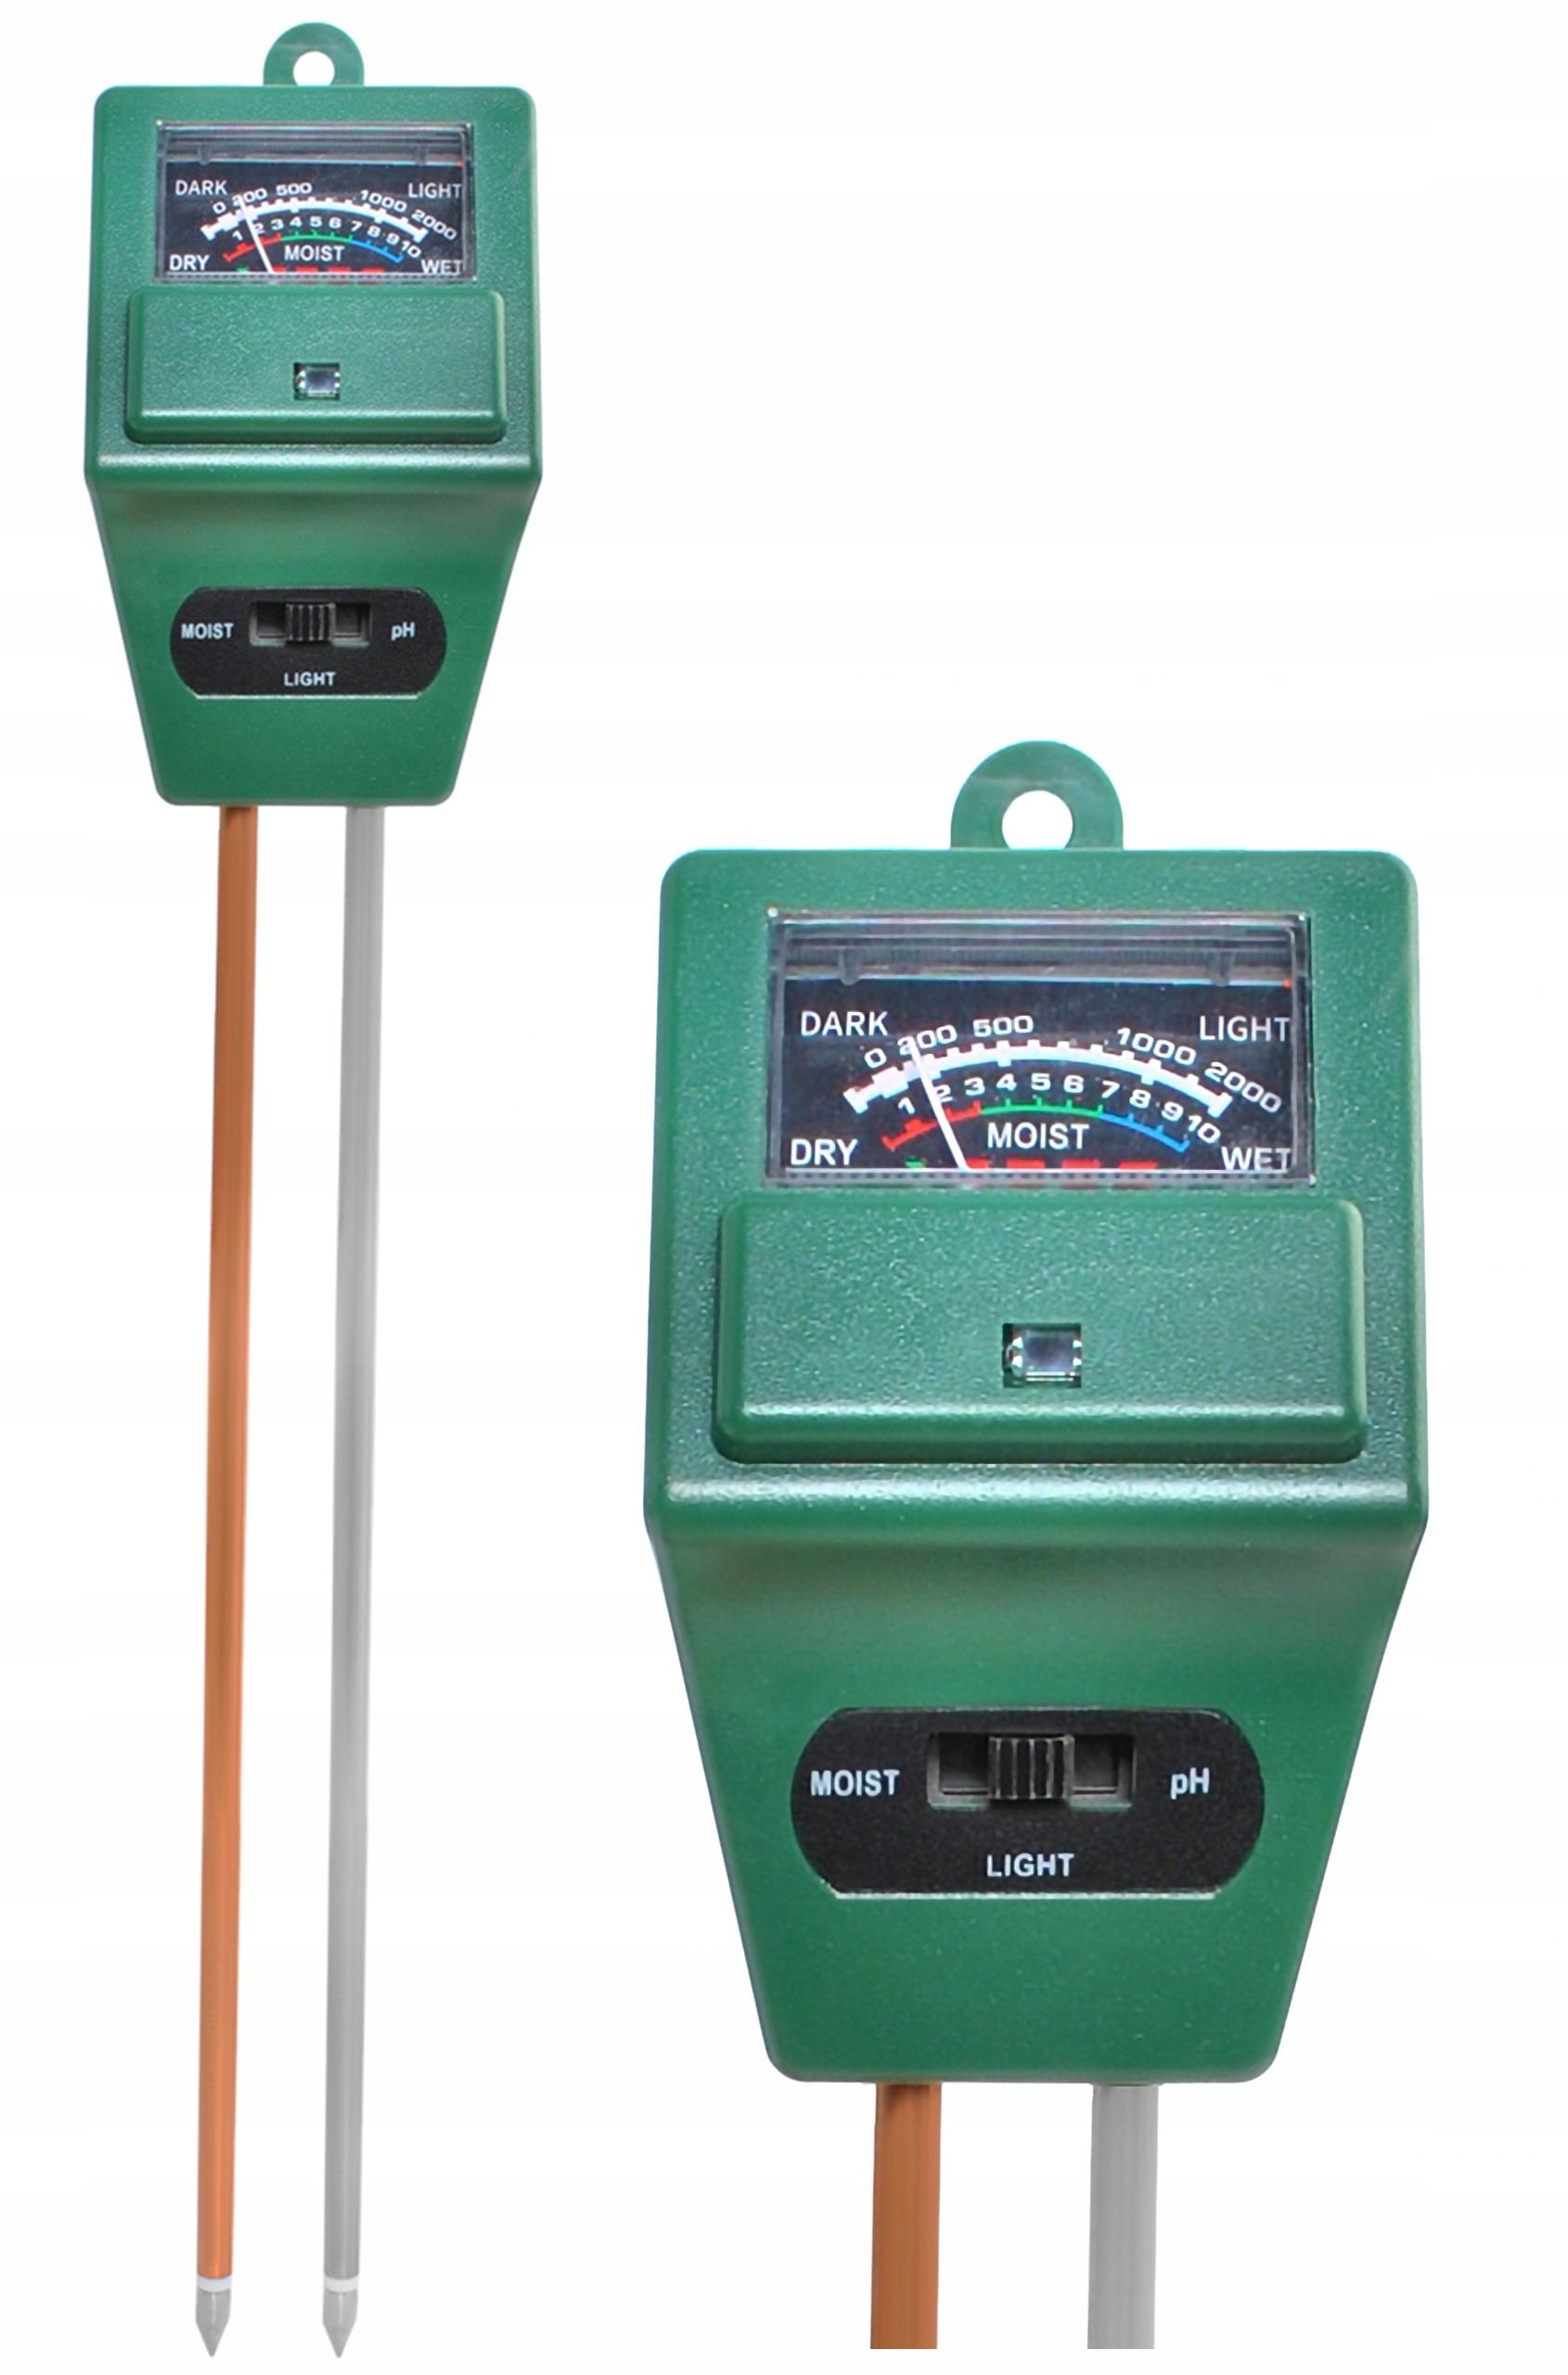 Kwasomierz Miernik Tester pH Gleby Ziemi Światła